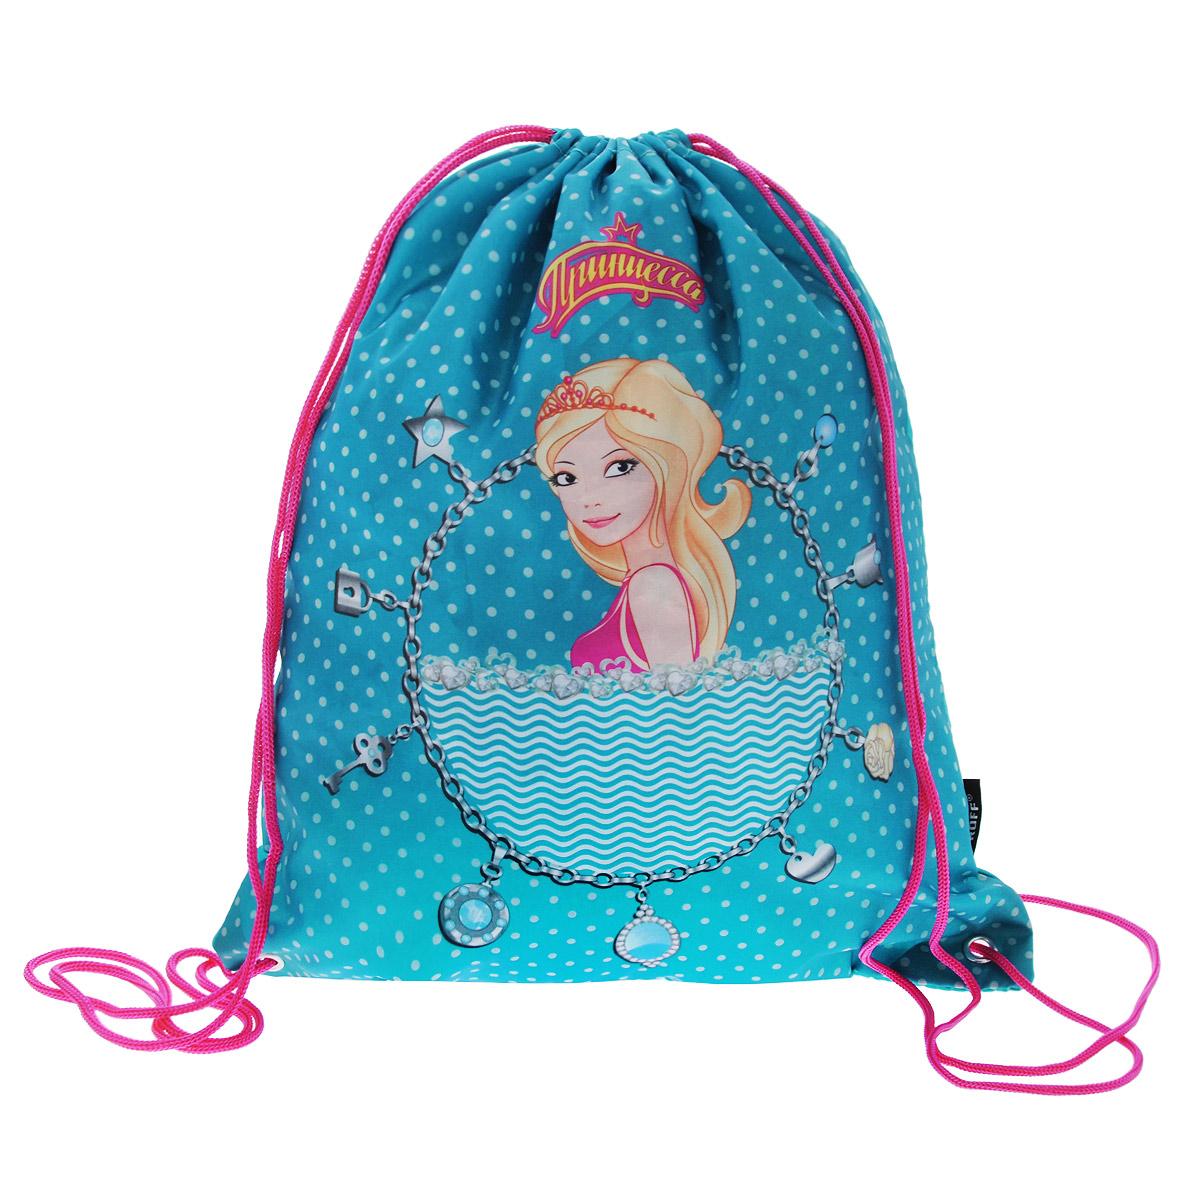 Proff Сумка для сменной обуви Принцесса цвет бирюзовый2904/TG_синийСумку Proff Принцесса удобно использовать как для хранения, так и для переноски сменной обуви. Она выполнена из прочного полиэстера и затягивается сверху текстильными шнурками. Сумка оформлена ярким изображением принцессы. Шнурки фиксируются в нижней части сумки, благодаря чему ее можно носить за спиной как рюкзак. Рекомендовано для детей старше трех лет.